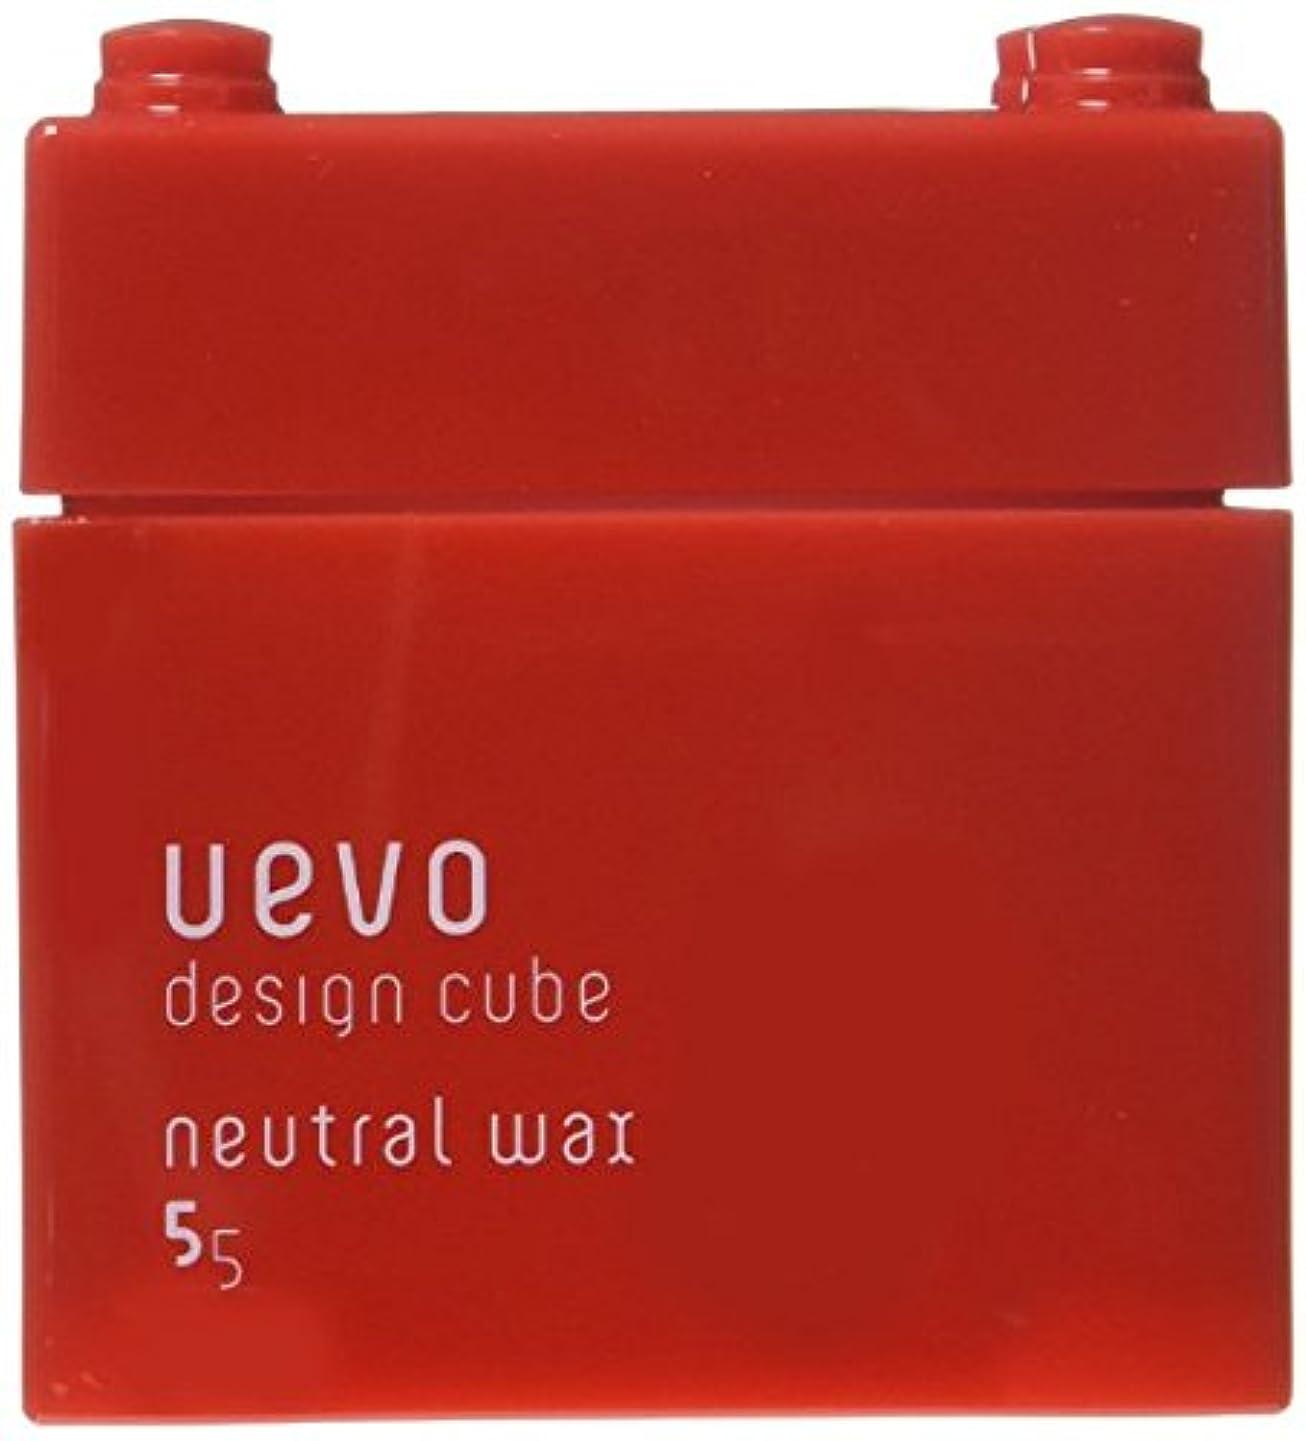 血ながら頭痛デミ ウェーボ デザインキューブ ニュートラルワックス(ヘアスタイリング)80g